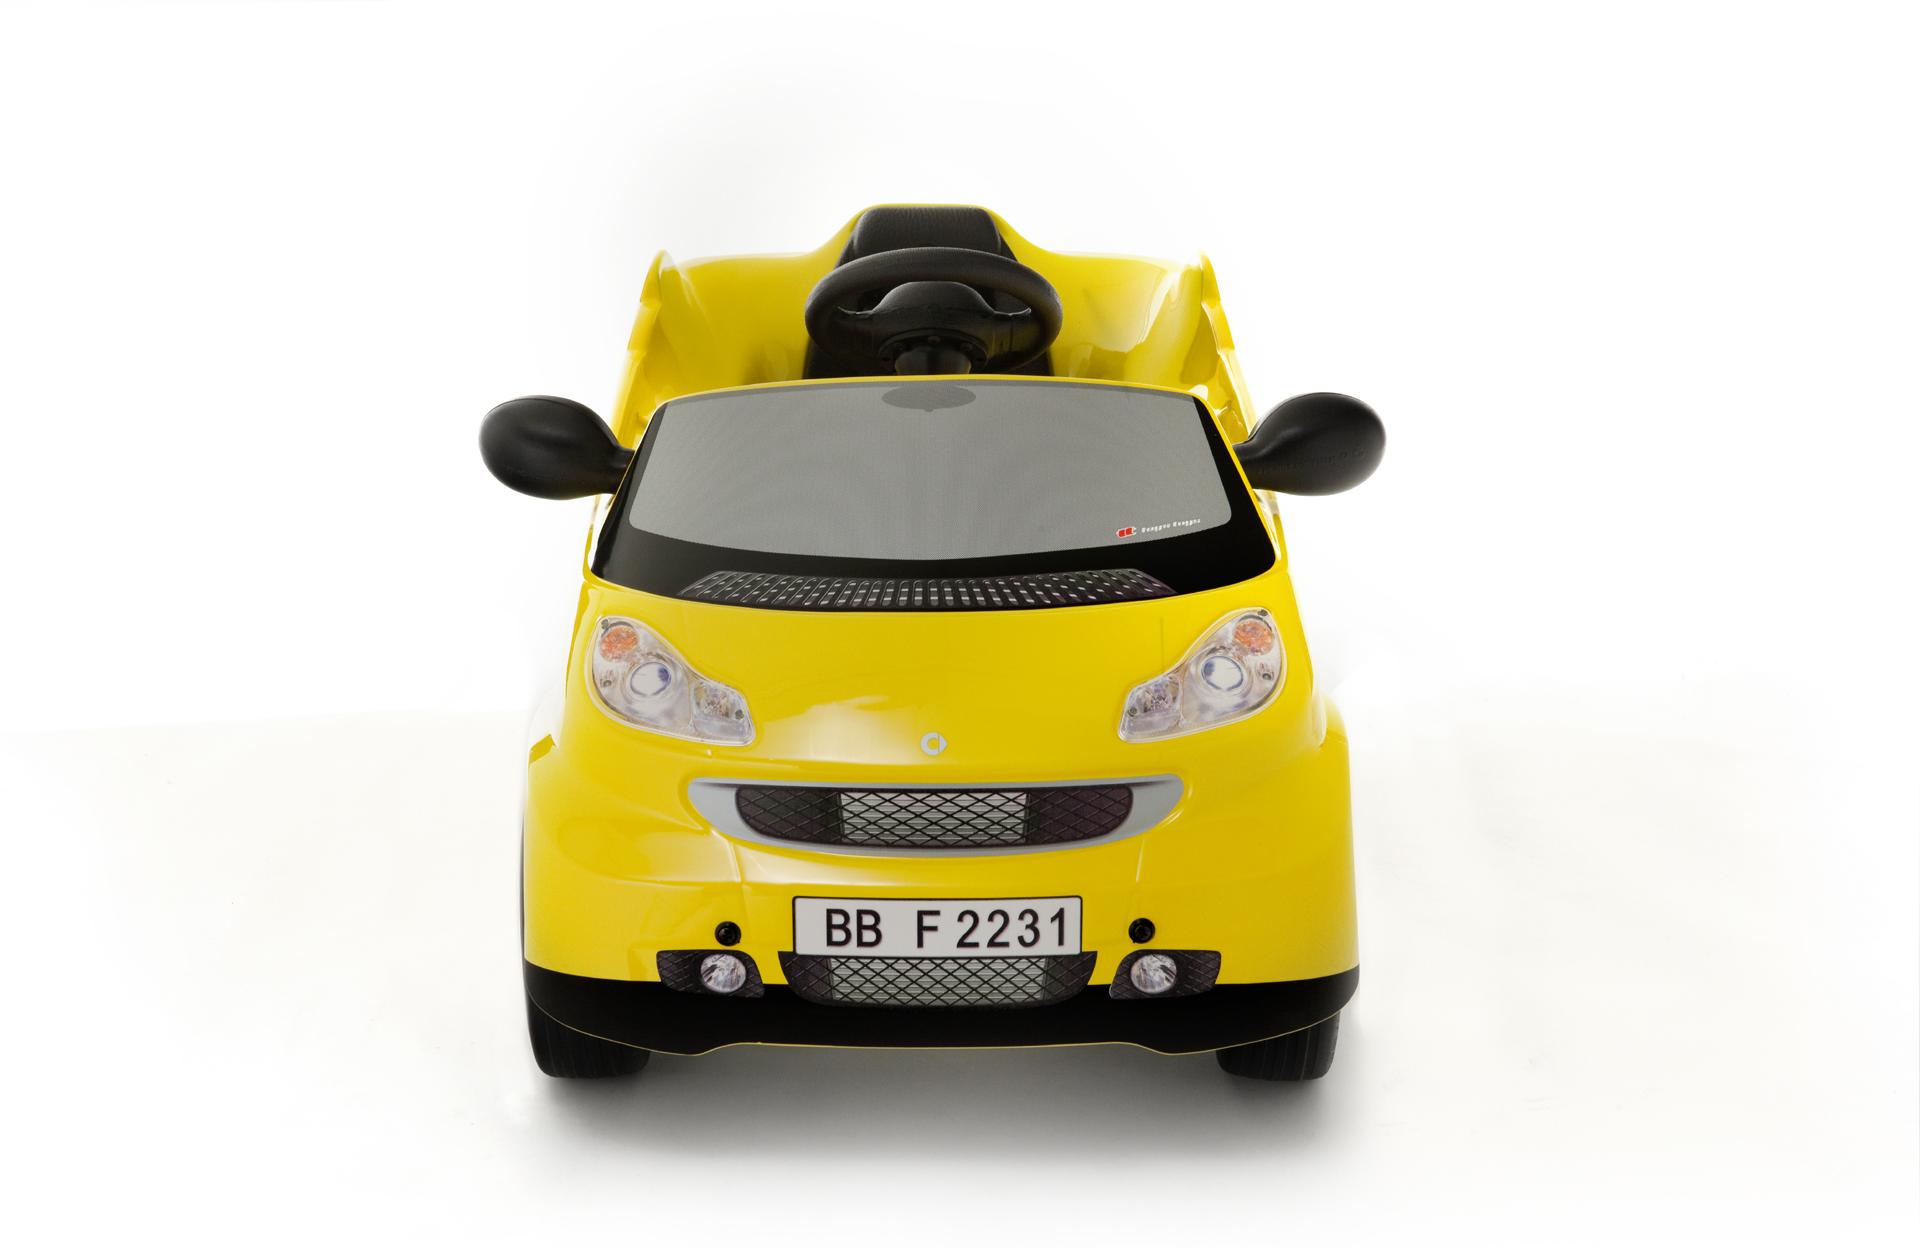 Elektroauto Toys Toys SMART Fortwo gelb Kinderautohaus